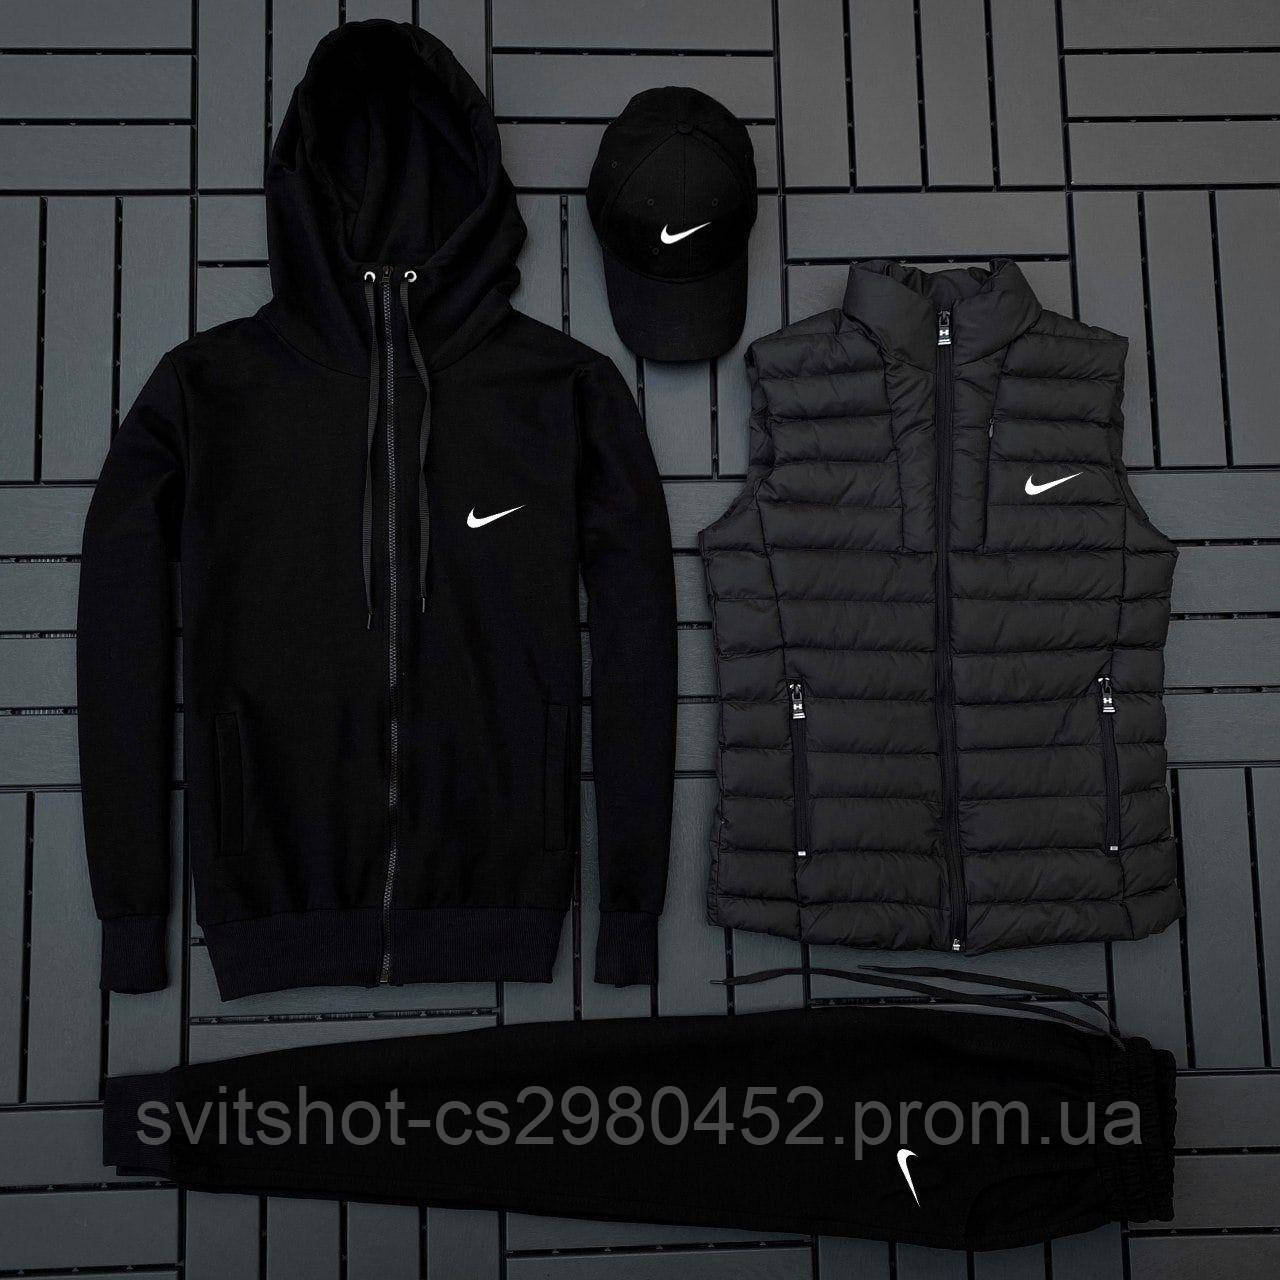 Спортивный костюм Nike Комплект: (кофта + штаны + жилетка + кепка)